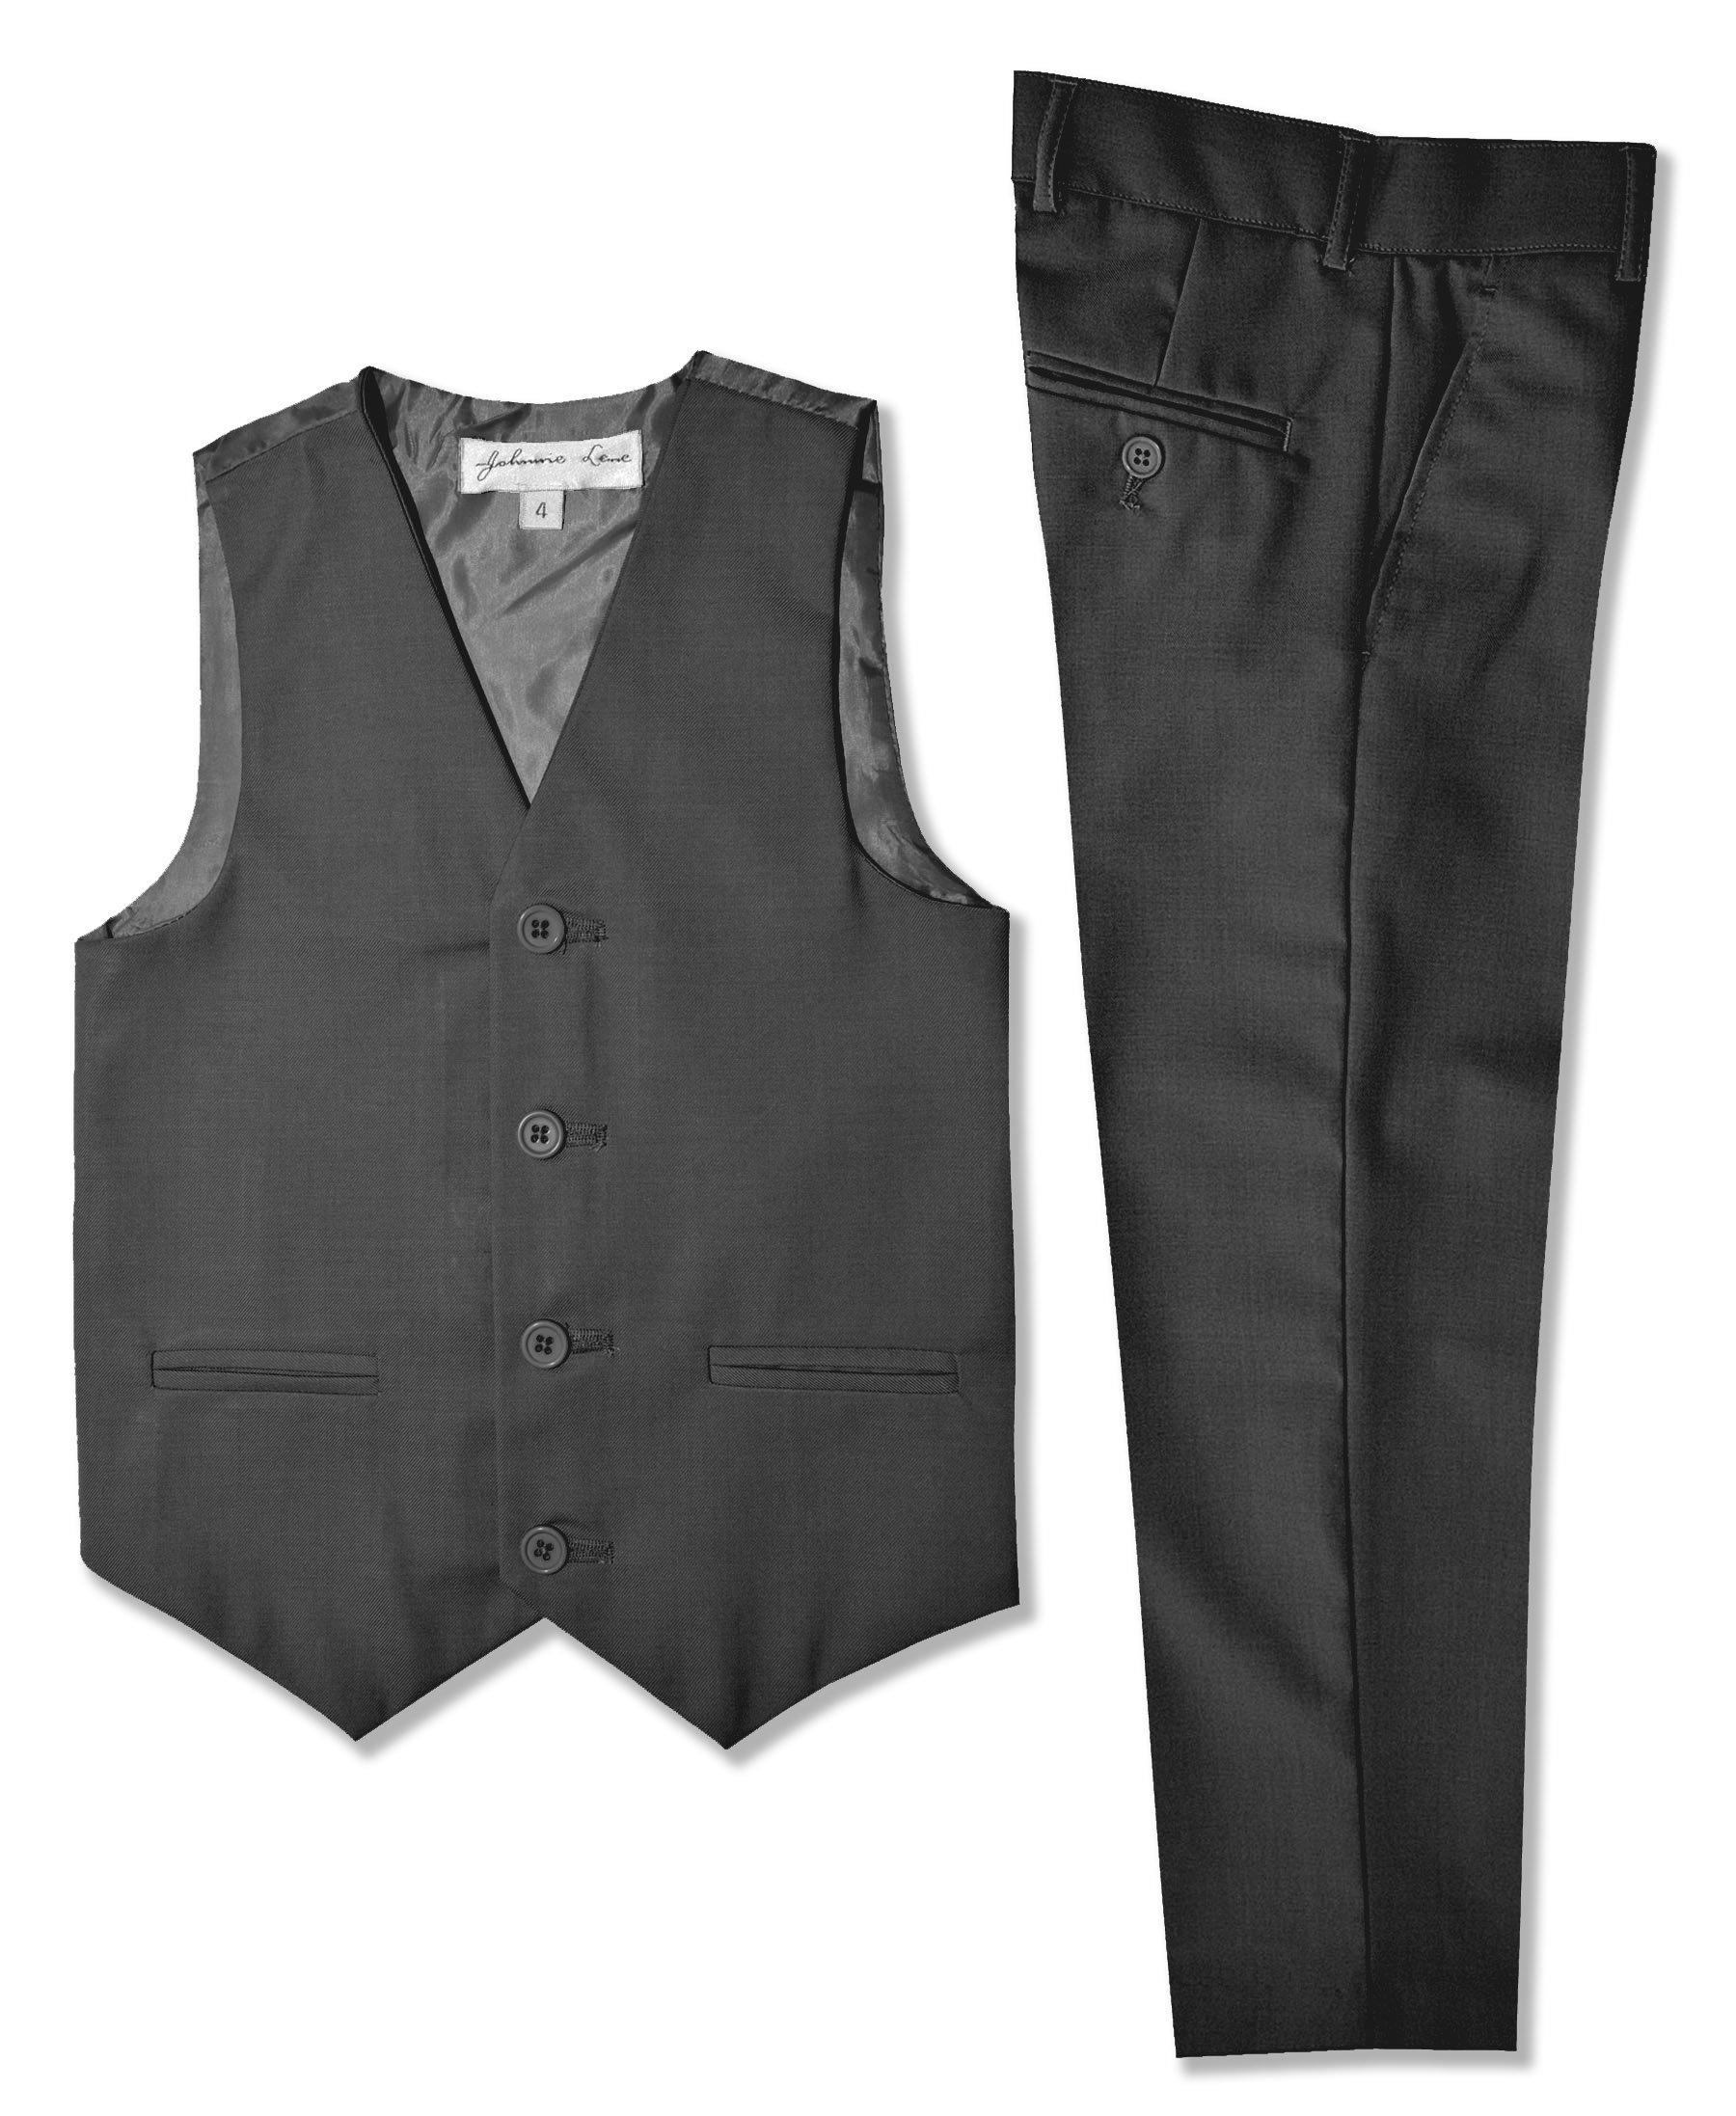 Boys Formal Vest And Pants Set #JL42 (7, Charcoal)